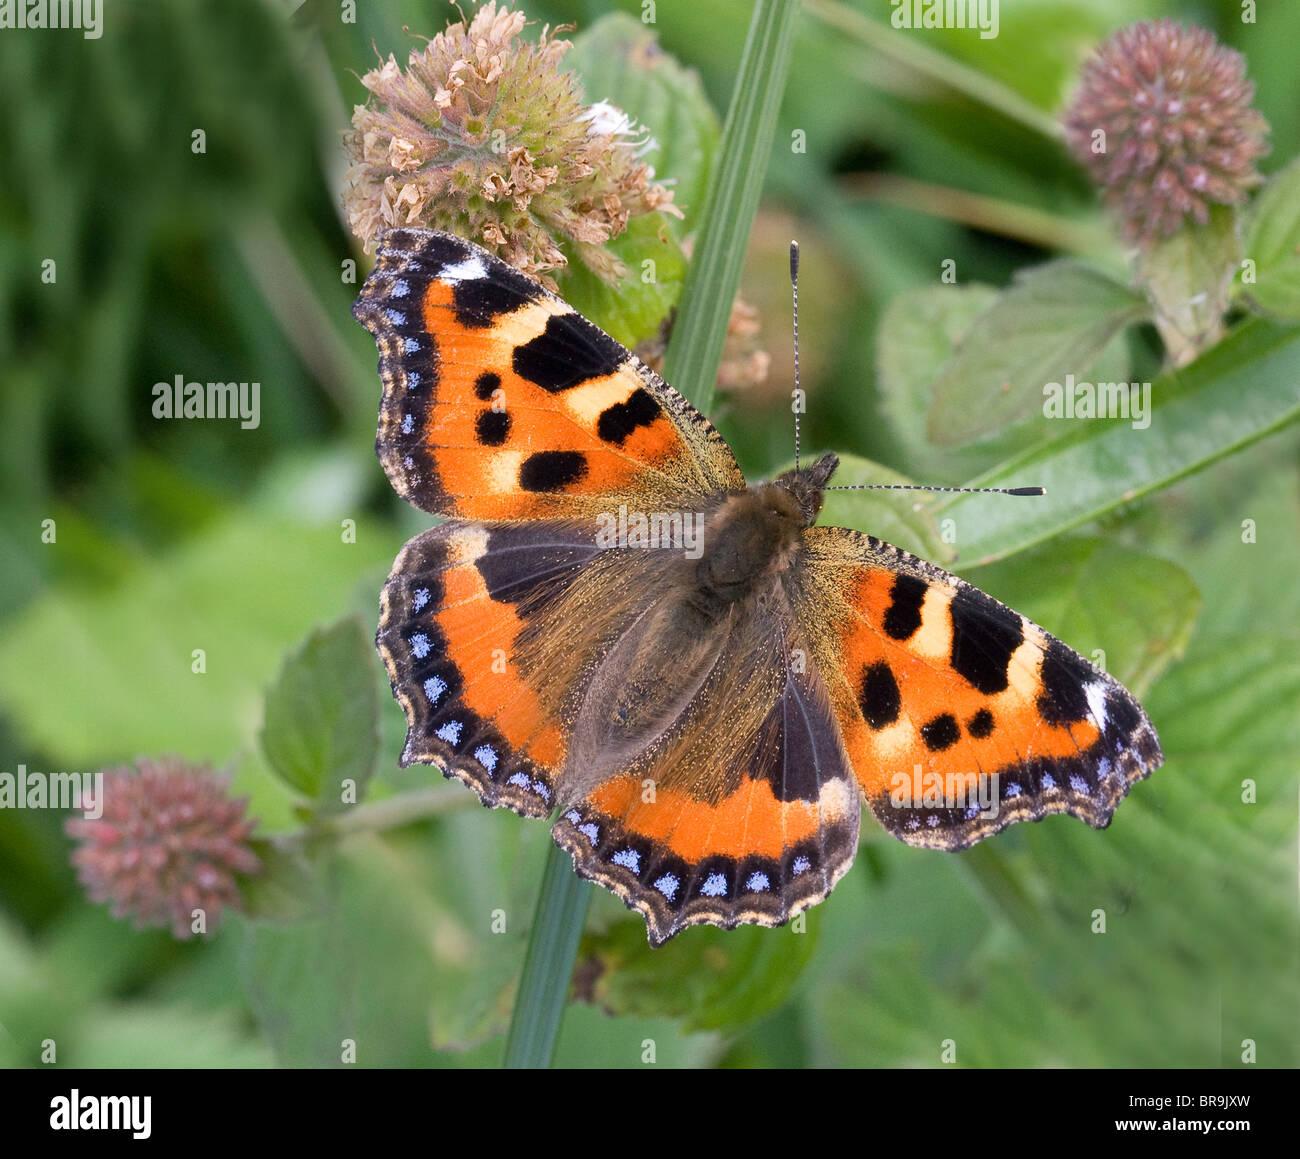 Piccola Tartaruga butterfly Aglais urticae una multa imago della covata di autunno nel Regno Unito sulla alimentazione Immagini Stock